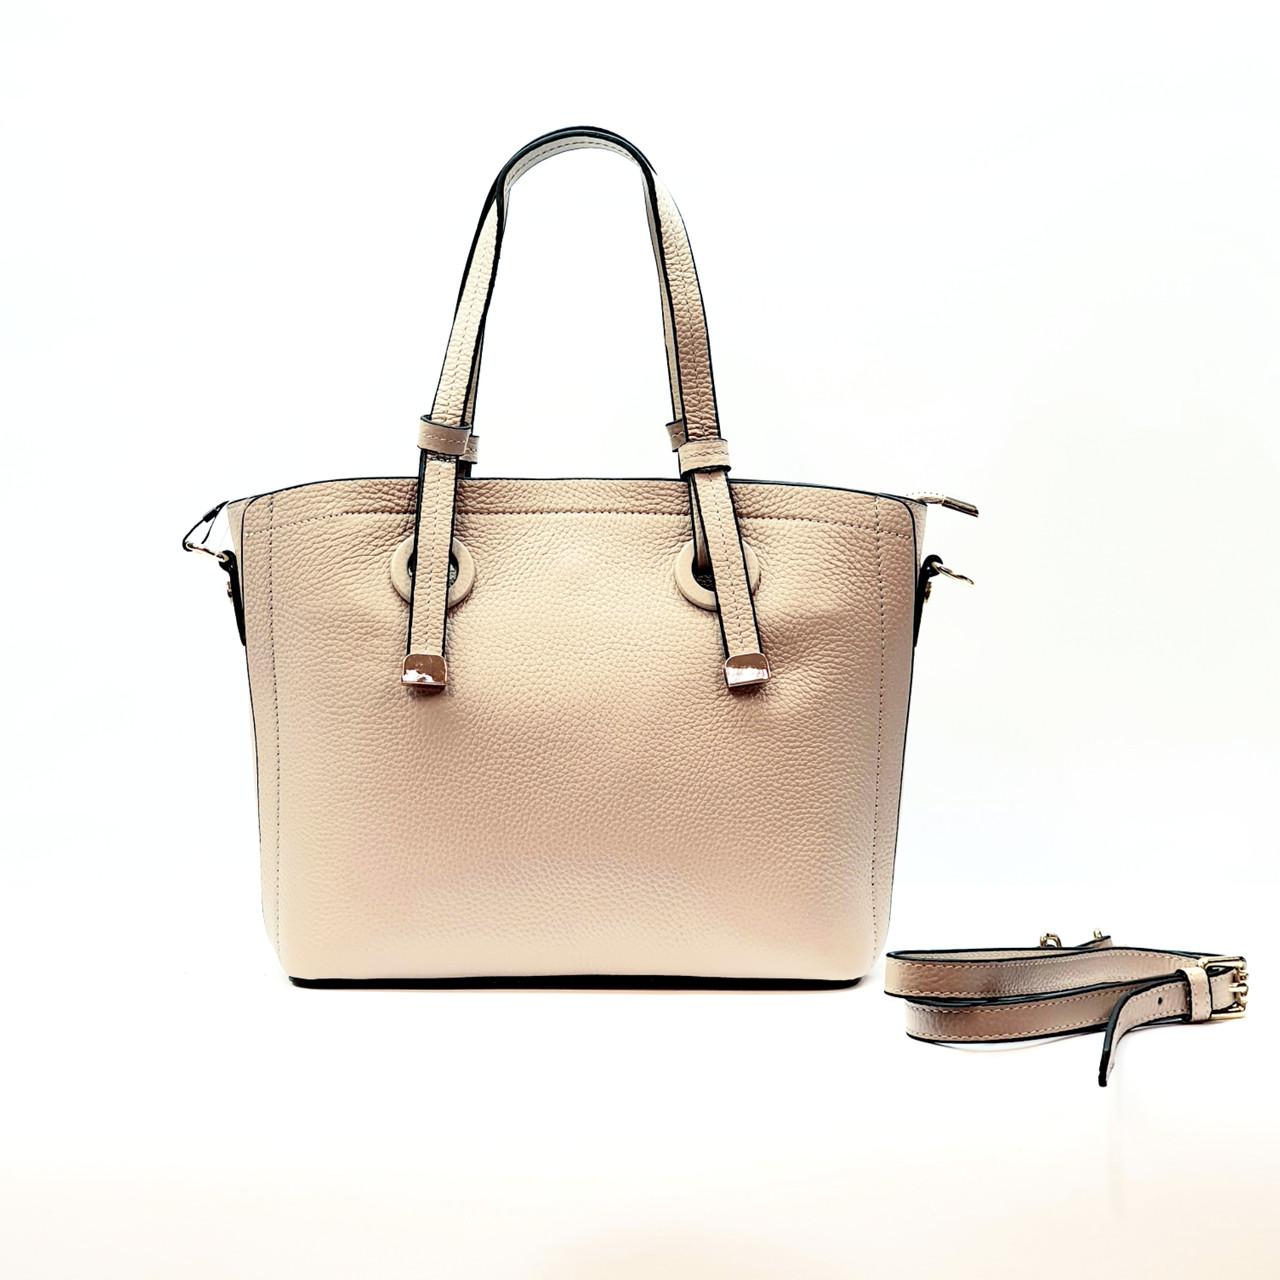 Женская сумка бежевая средняя повседневная натуральная кожа